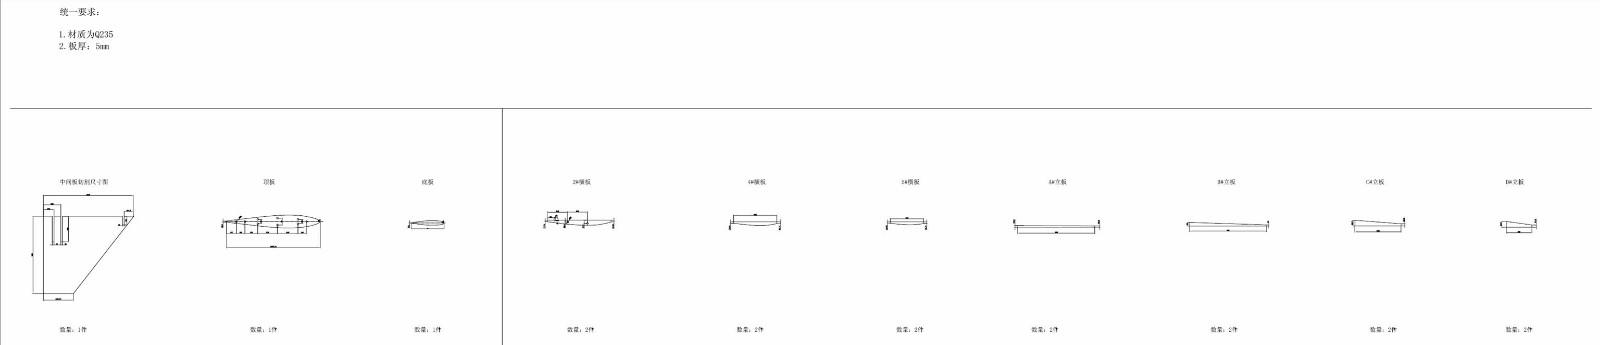 J24龙骨3.jpg